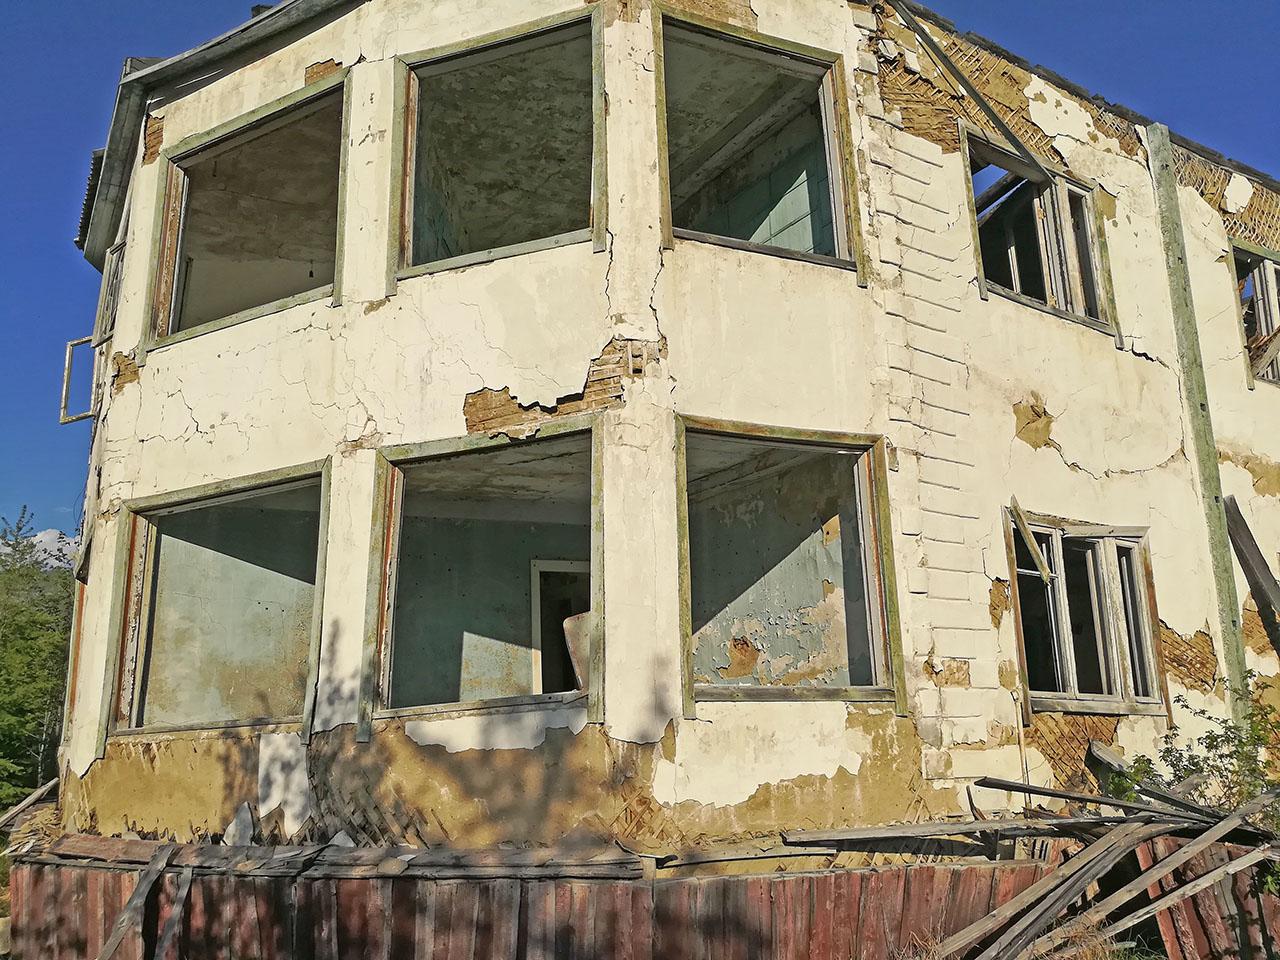 Эркерная часть здания МСЧ. Фото из архива Елены Полищук. 2018 год.